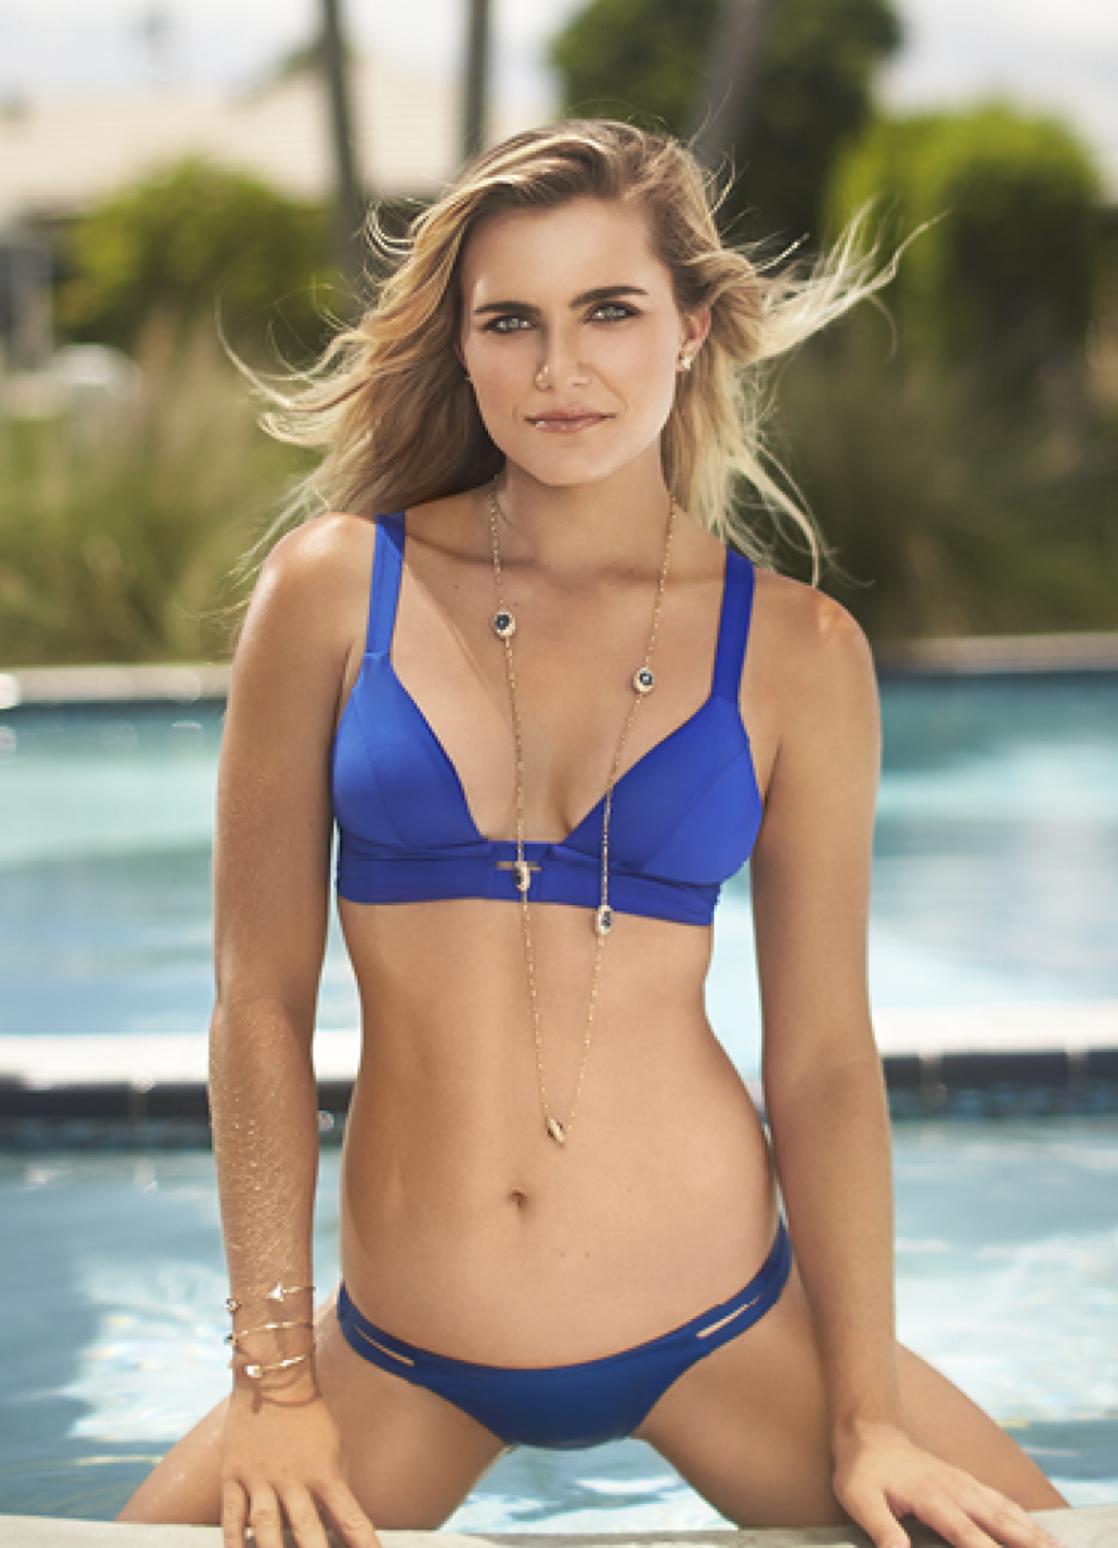 Maiara walsh bikini